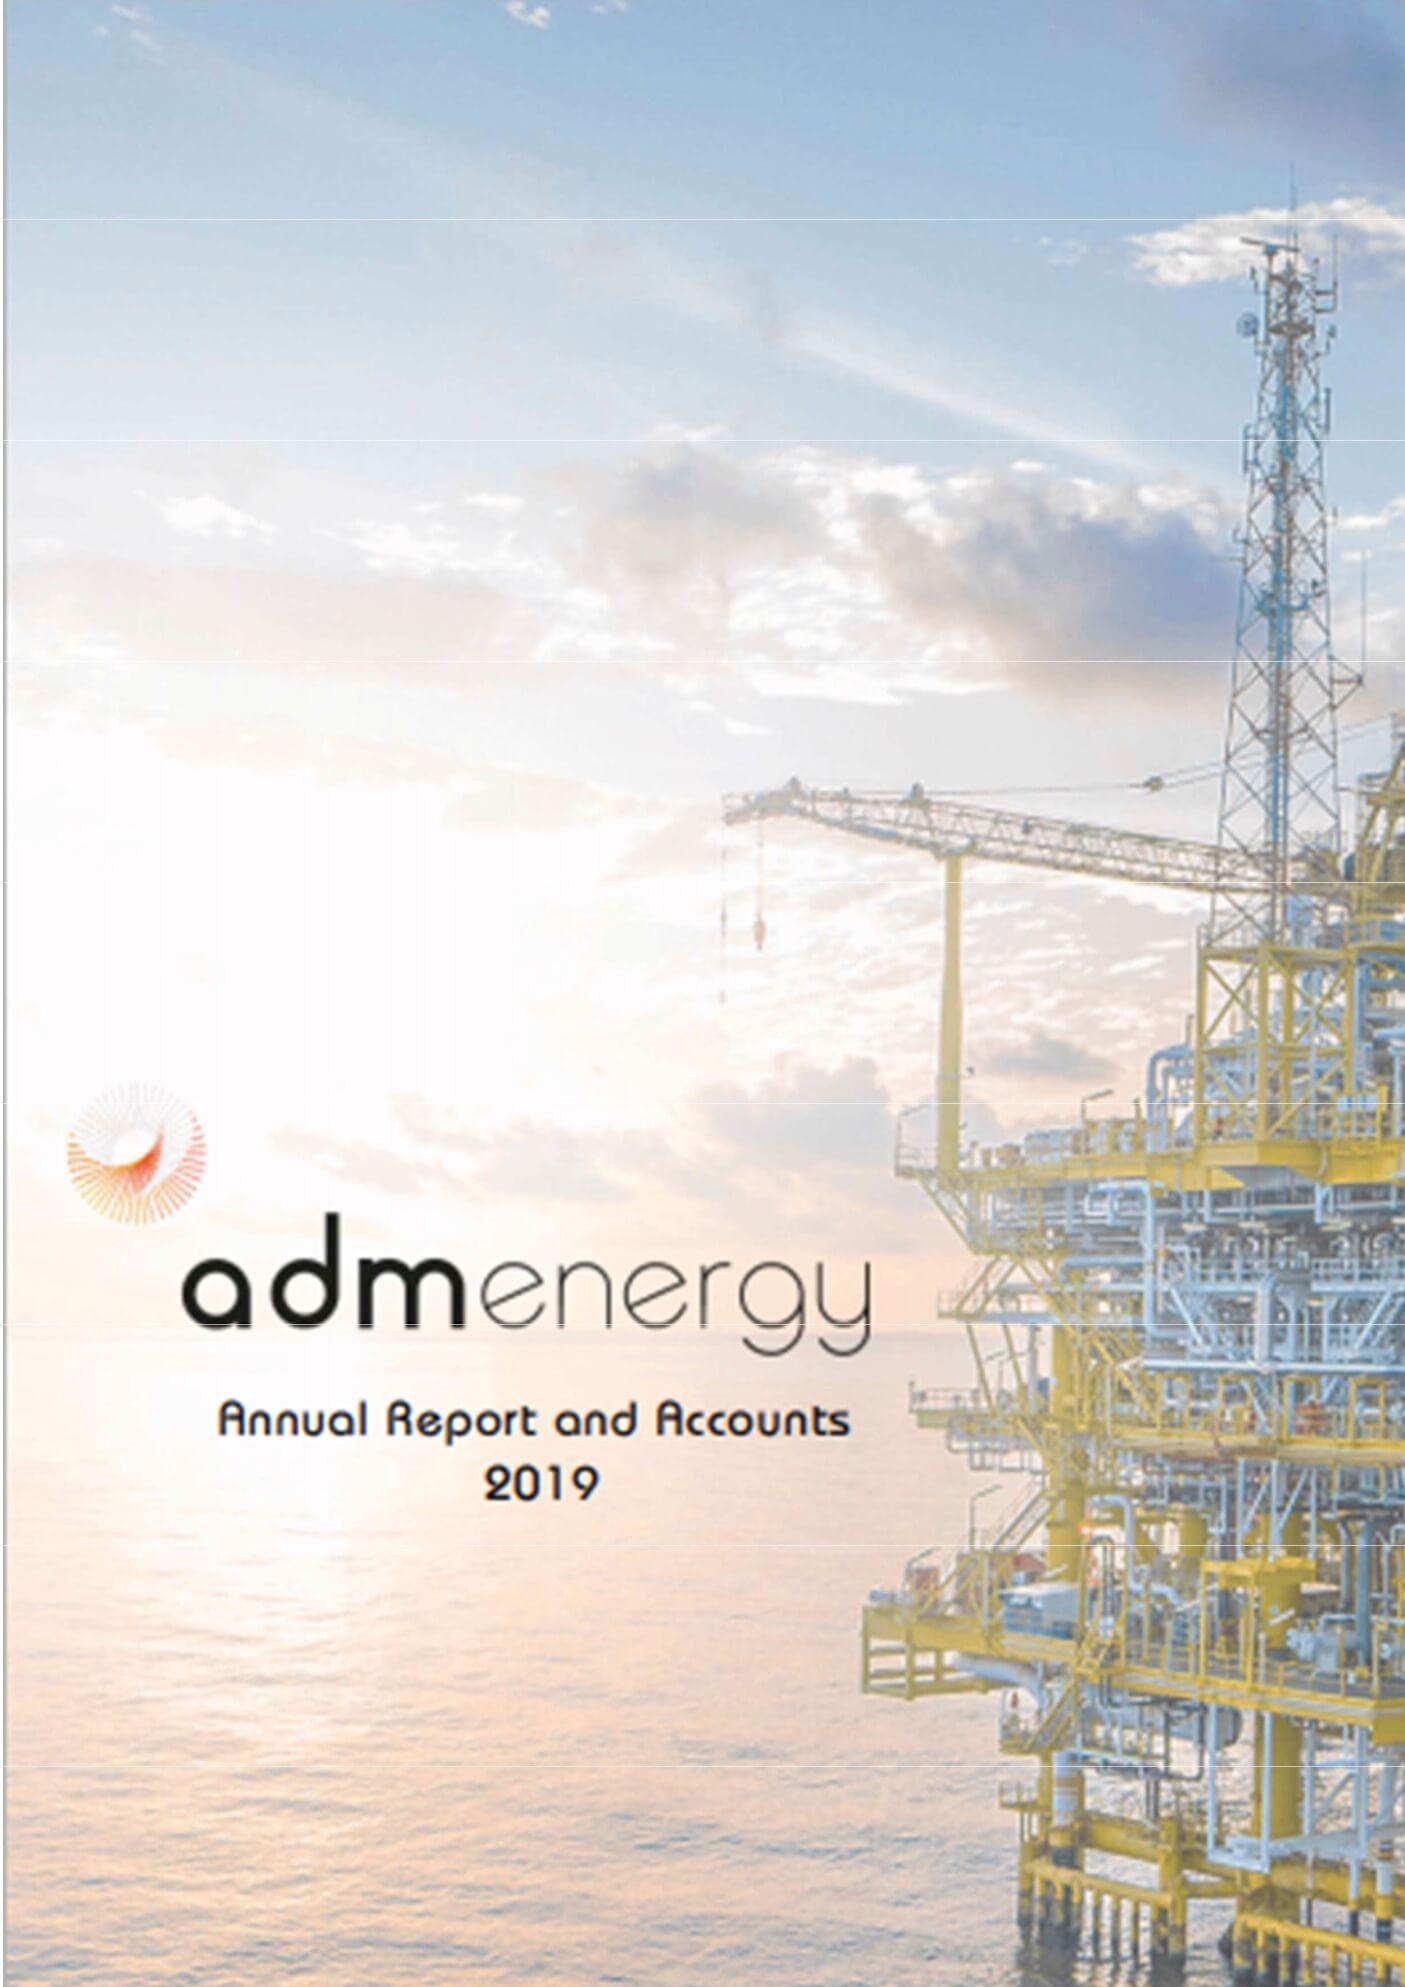 ADM report cover